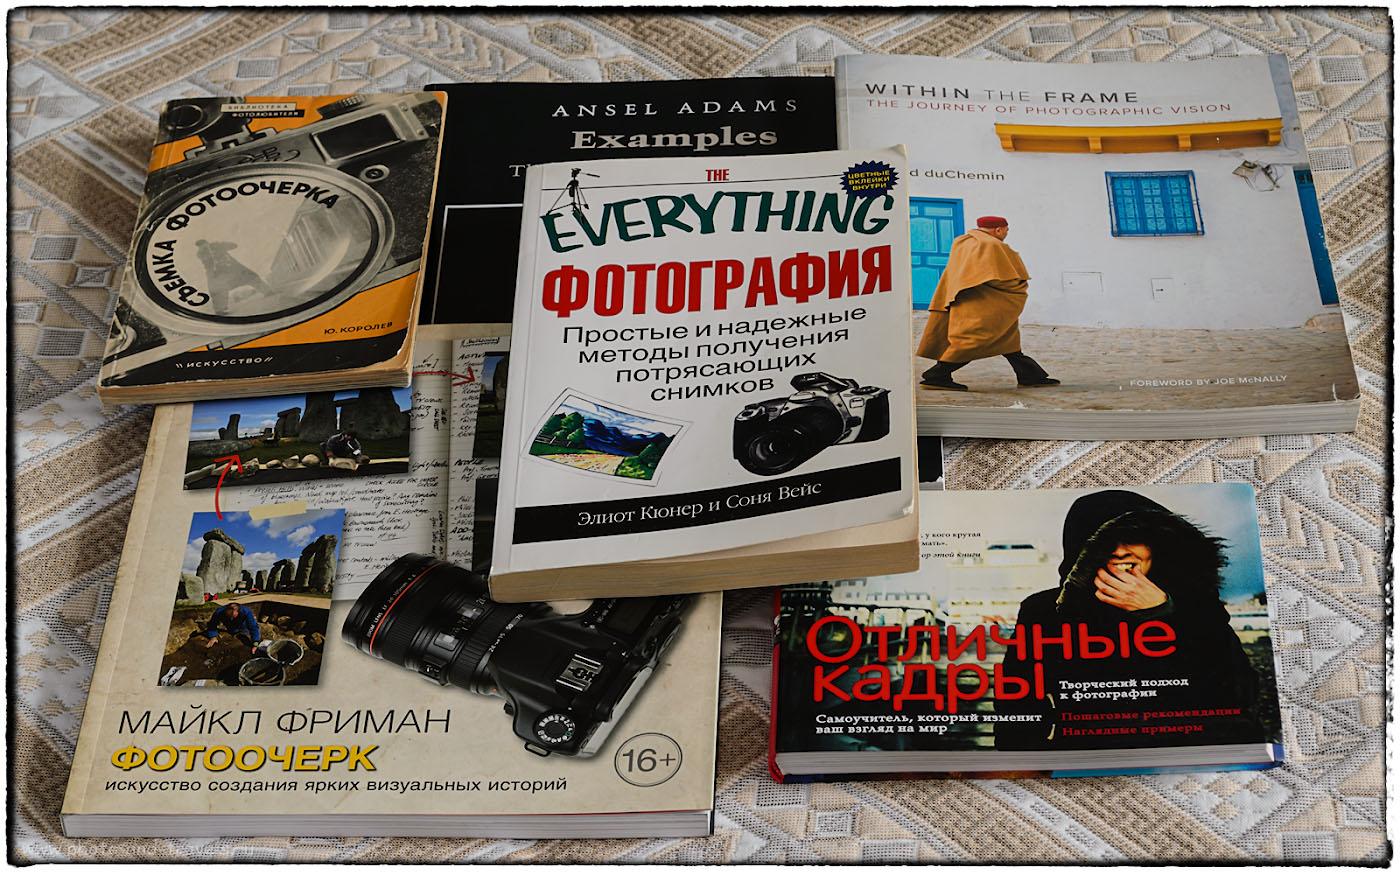 Фото 23. Рекомендую начинать обучение фотографии с покупки учебника. Снято на Nikon D5100 KIT 18-55mm с настройками: выдержка 1,6 секунды; диафрагма f/9.0; ISO 100; фокусное расстояние 50 мм.